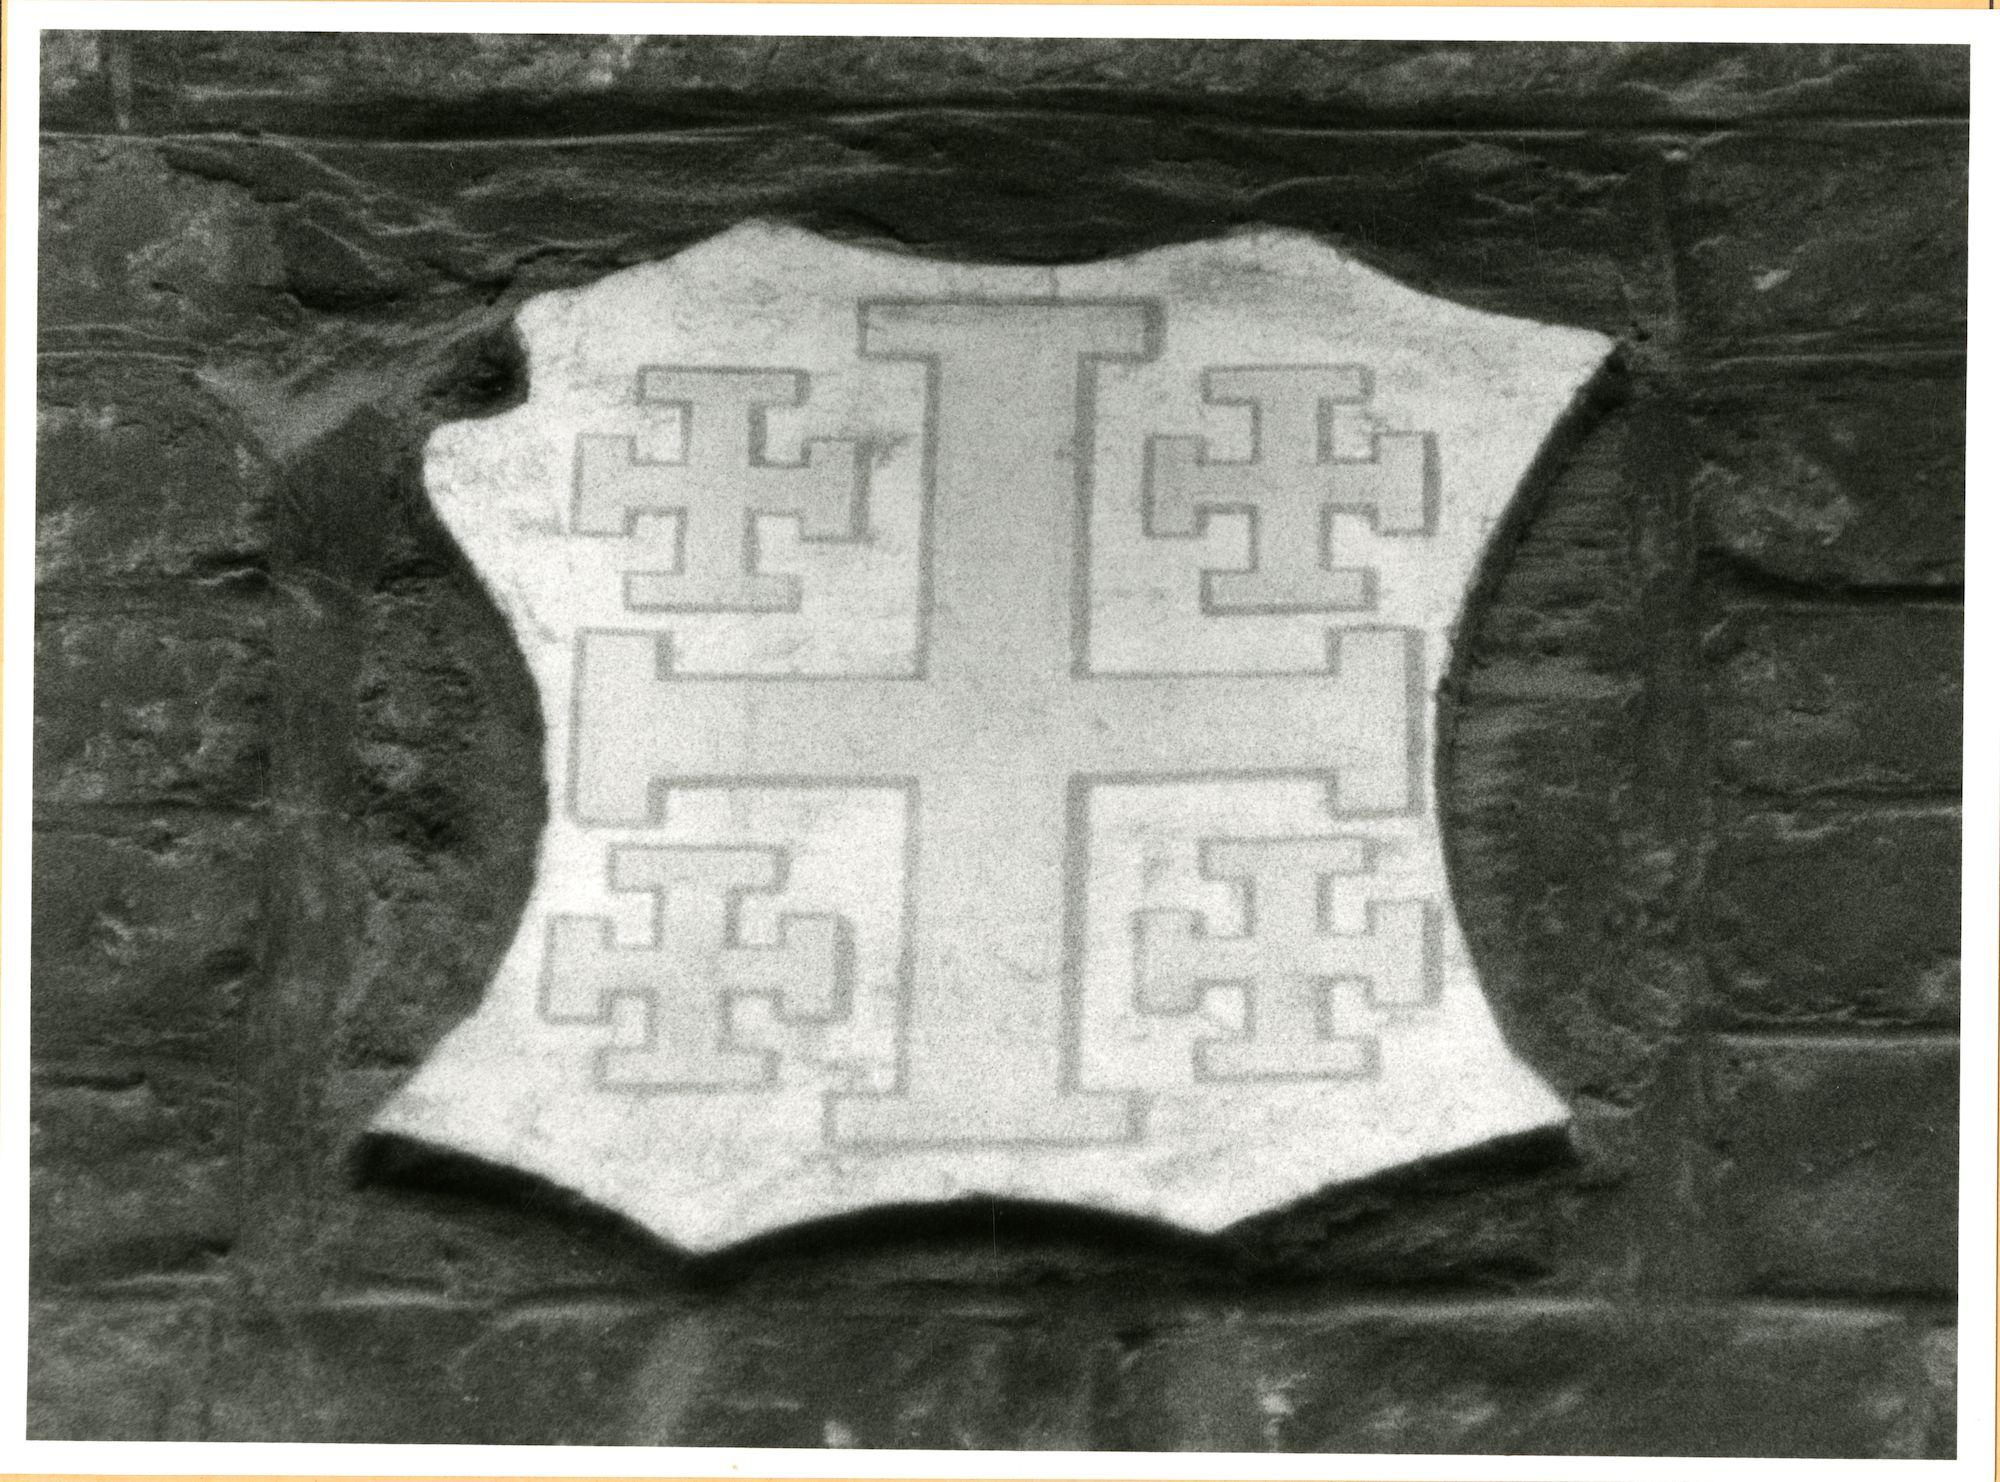 Gent: Hoogpoort: St-Jorishof: Cartouche: wapenschild van Jeruzalem, 1979